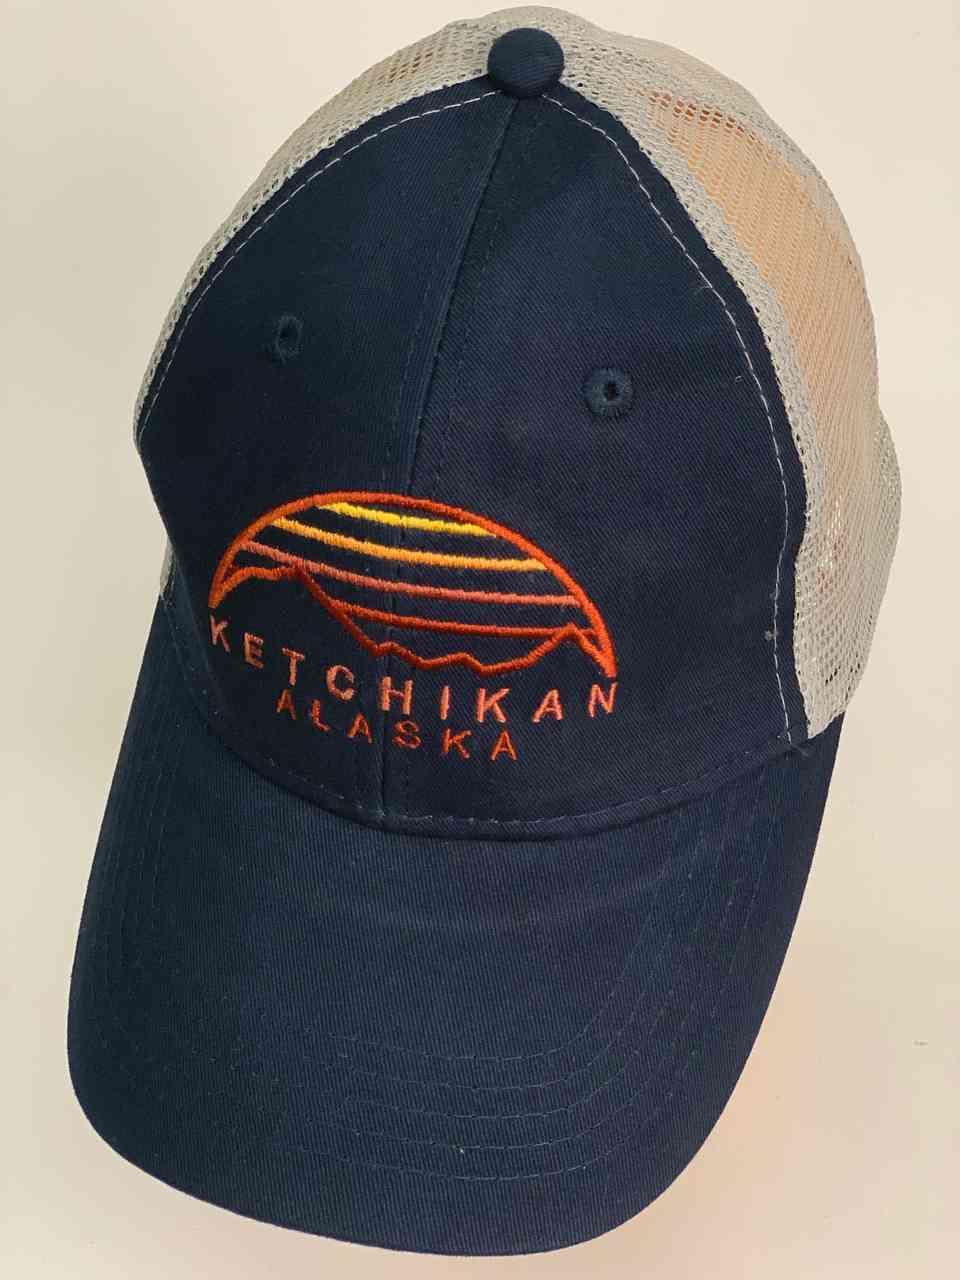 Синяя бейсболка с сеткой KETCHIKAN Alaska